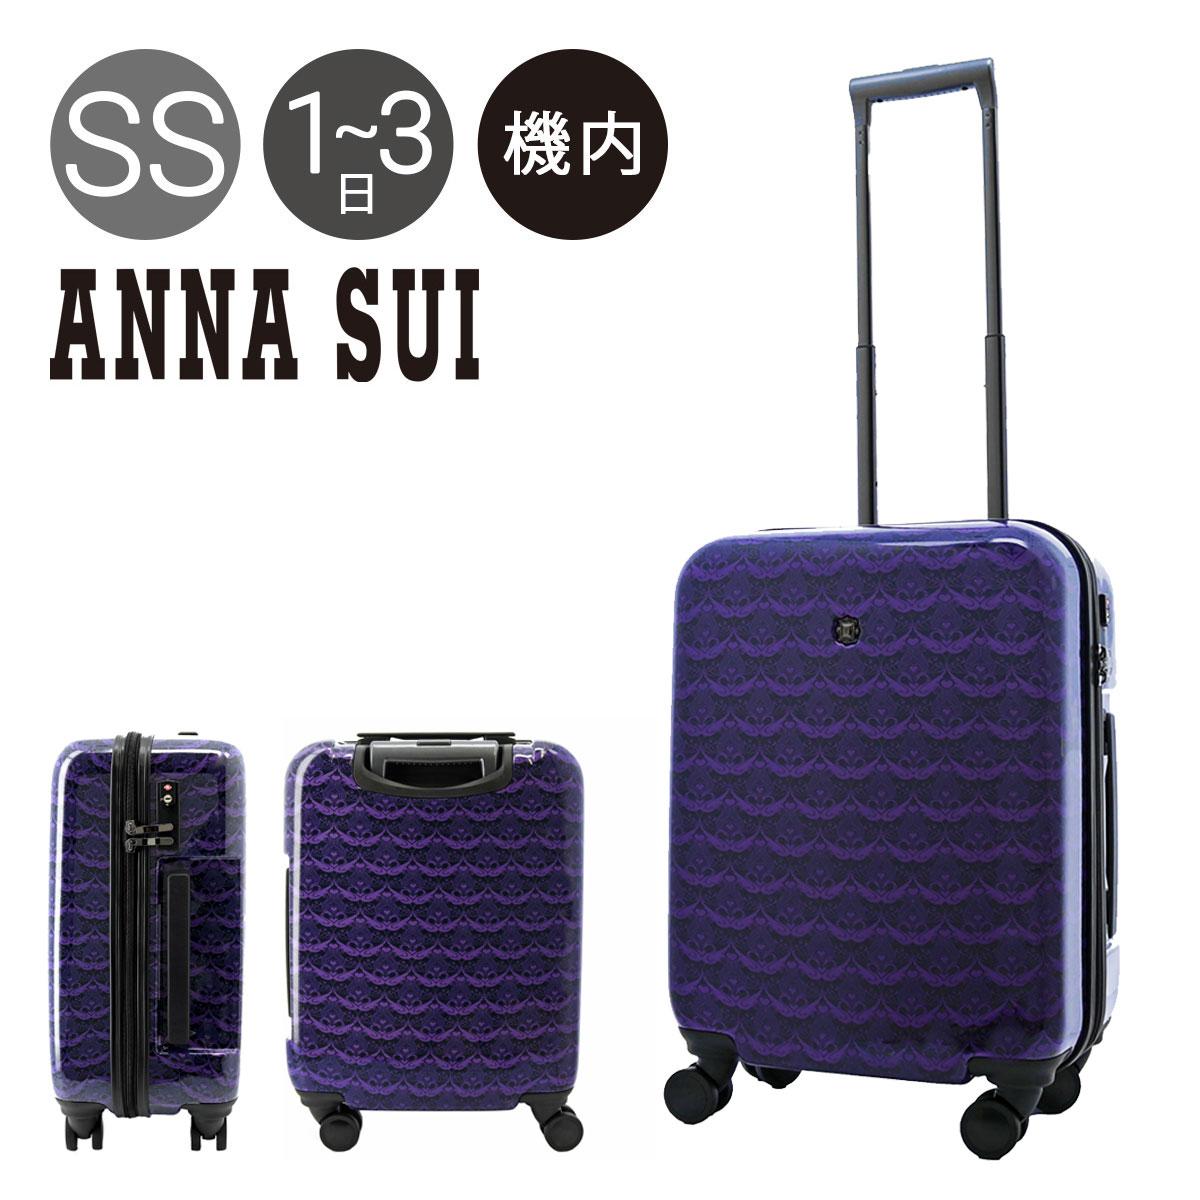 アナスイ スーツケース 機内持ち込み 36l 52cm 2 9kg 313900 軽量